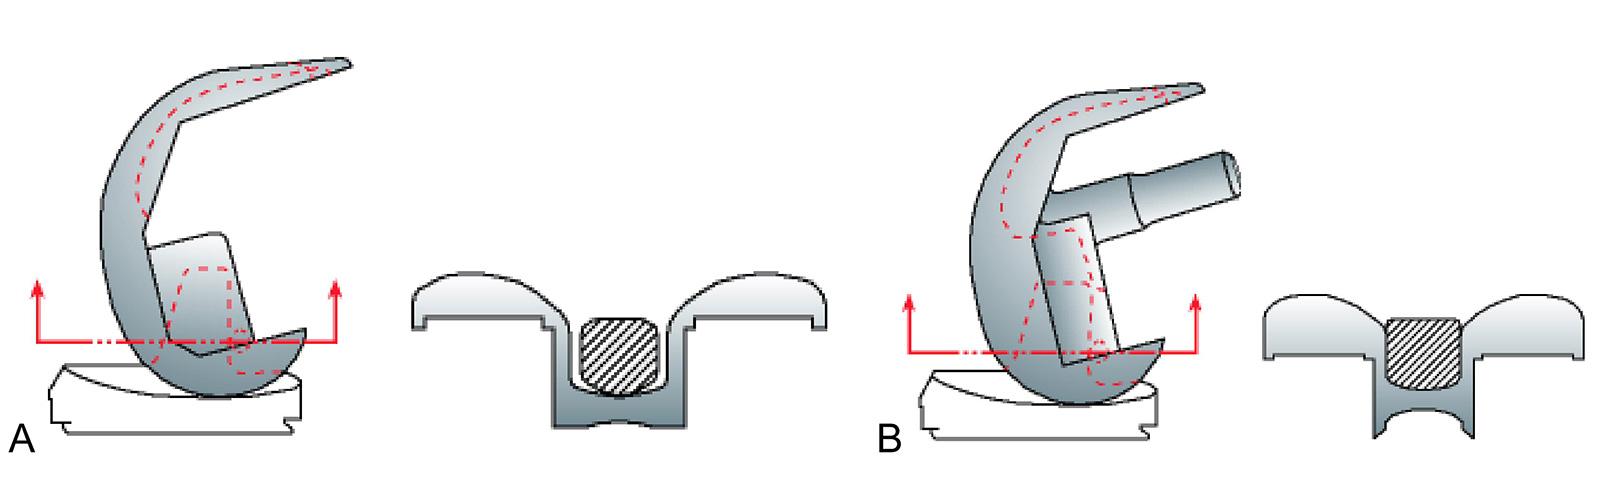 Abb. 1-44: Vergleich des Polyethylenzapfens einer posterior stabilisierten (A) und einer geführten (constrained) Knieprothese (B) am Beispiel der Genesis II Knieprothese (Smith & Nephew GmbH)